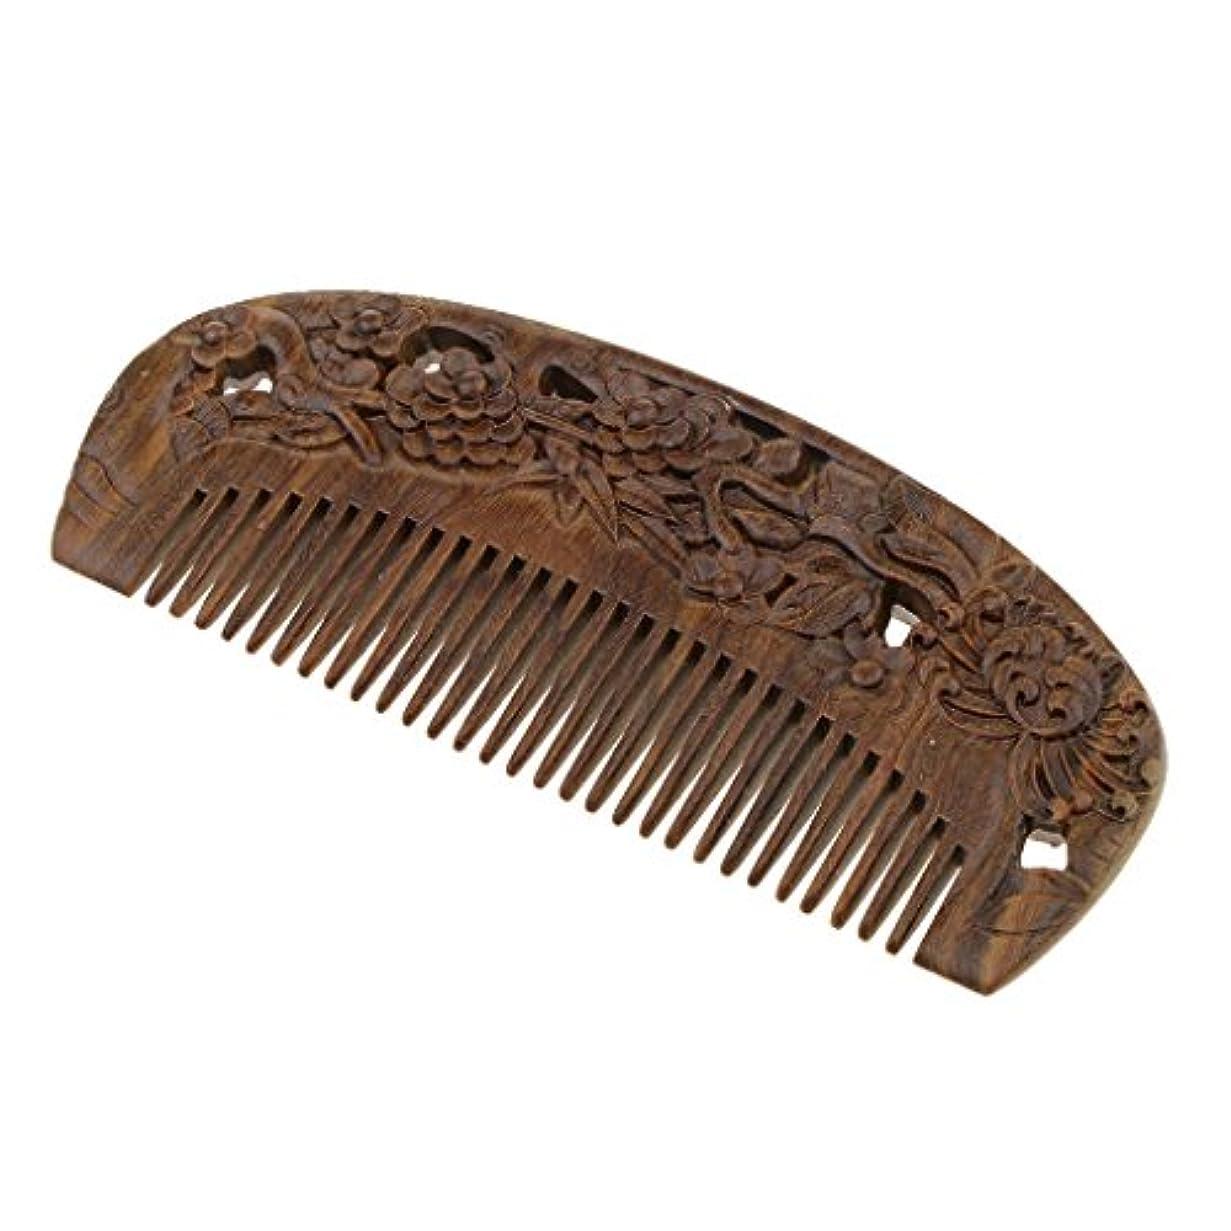 量でパステルイースターT TOOYFUL 木製櫛 木製コーム ウッドコーム ワイド歯 ヘアブラシ 頭皮マッサージ 静電防止 全2種類 - #2